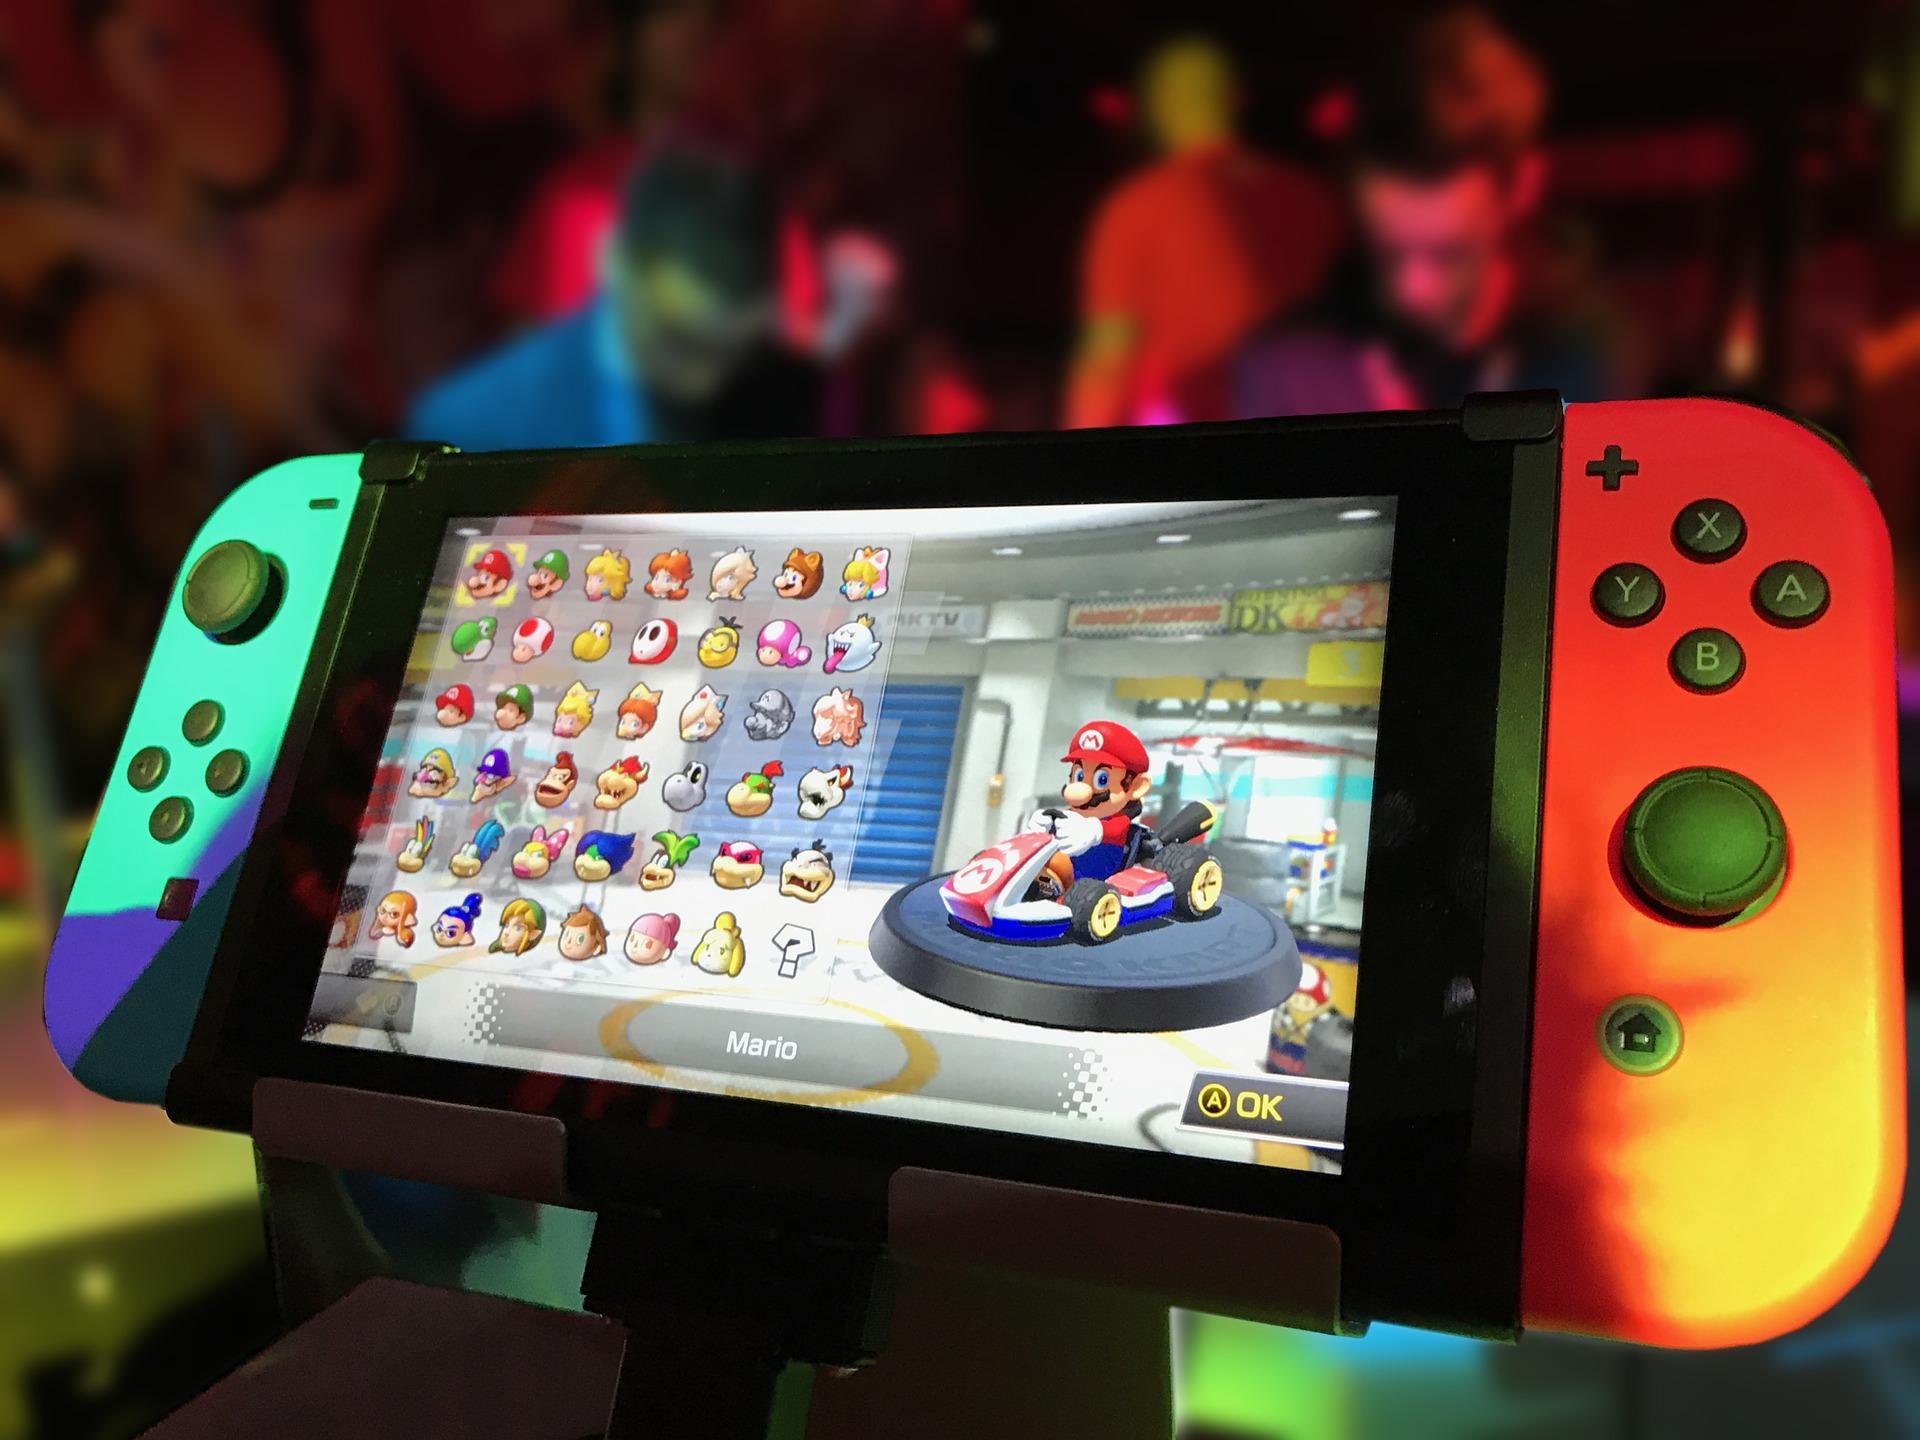 matéria fala do balaço da Nintendo em 2020 quando empresa bateu recorde de vendas